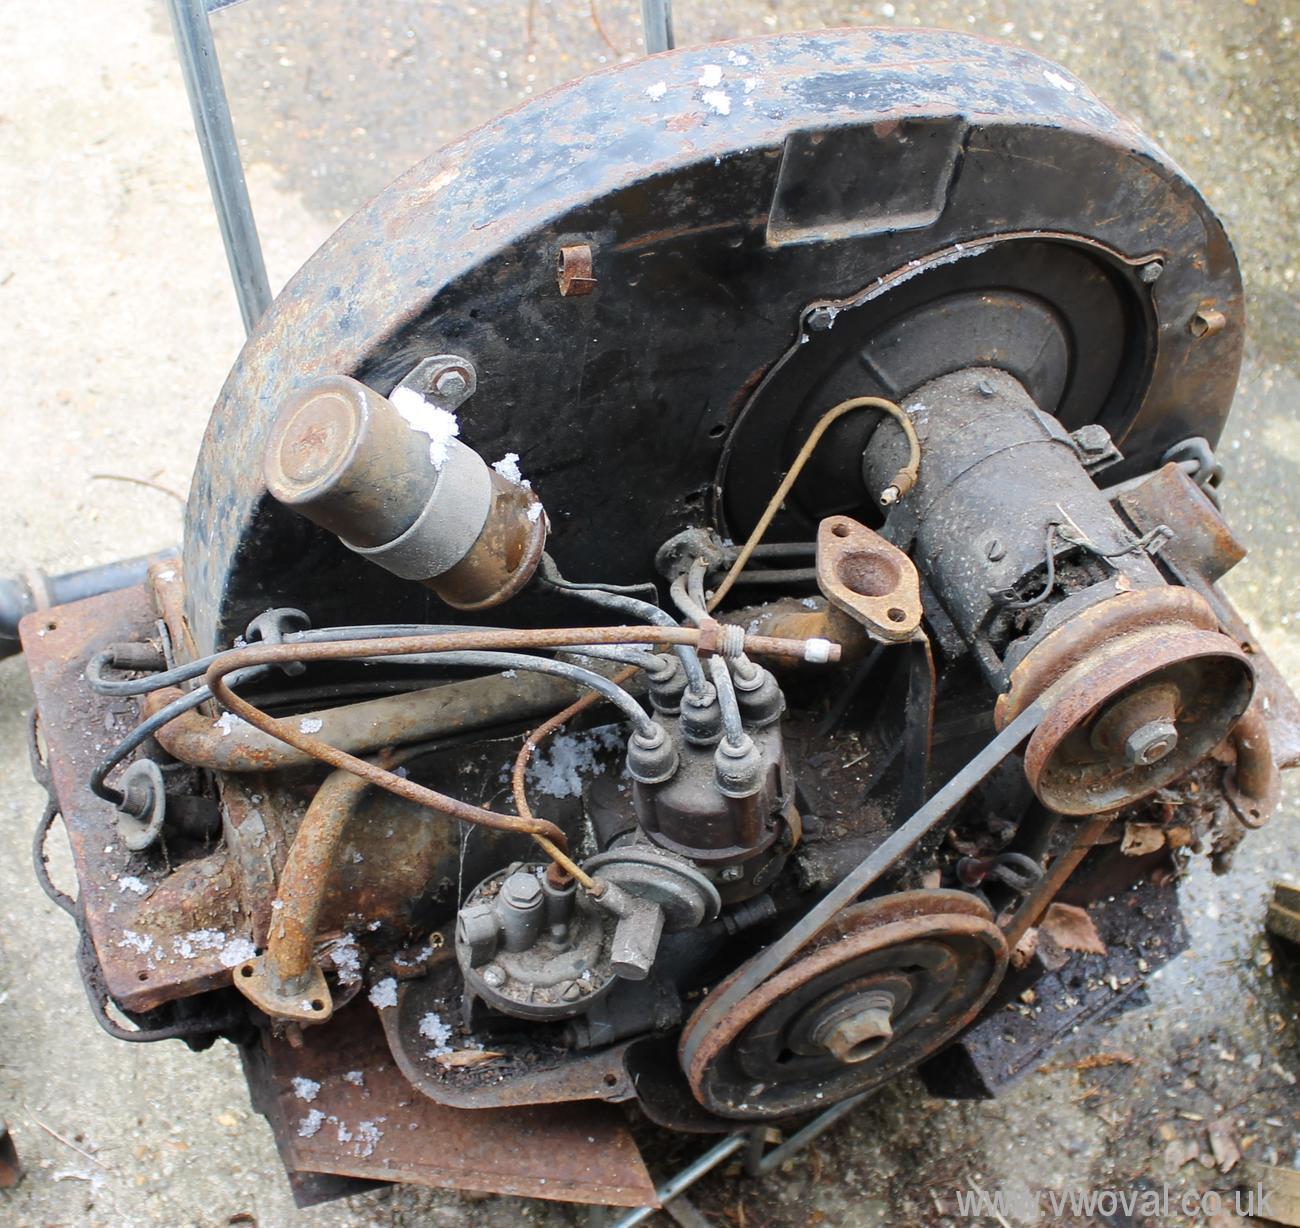 Vw Bug Engine Case Sealant: Www.vwoval.co.uk Volkswagen Oval Beetle Rebuild